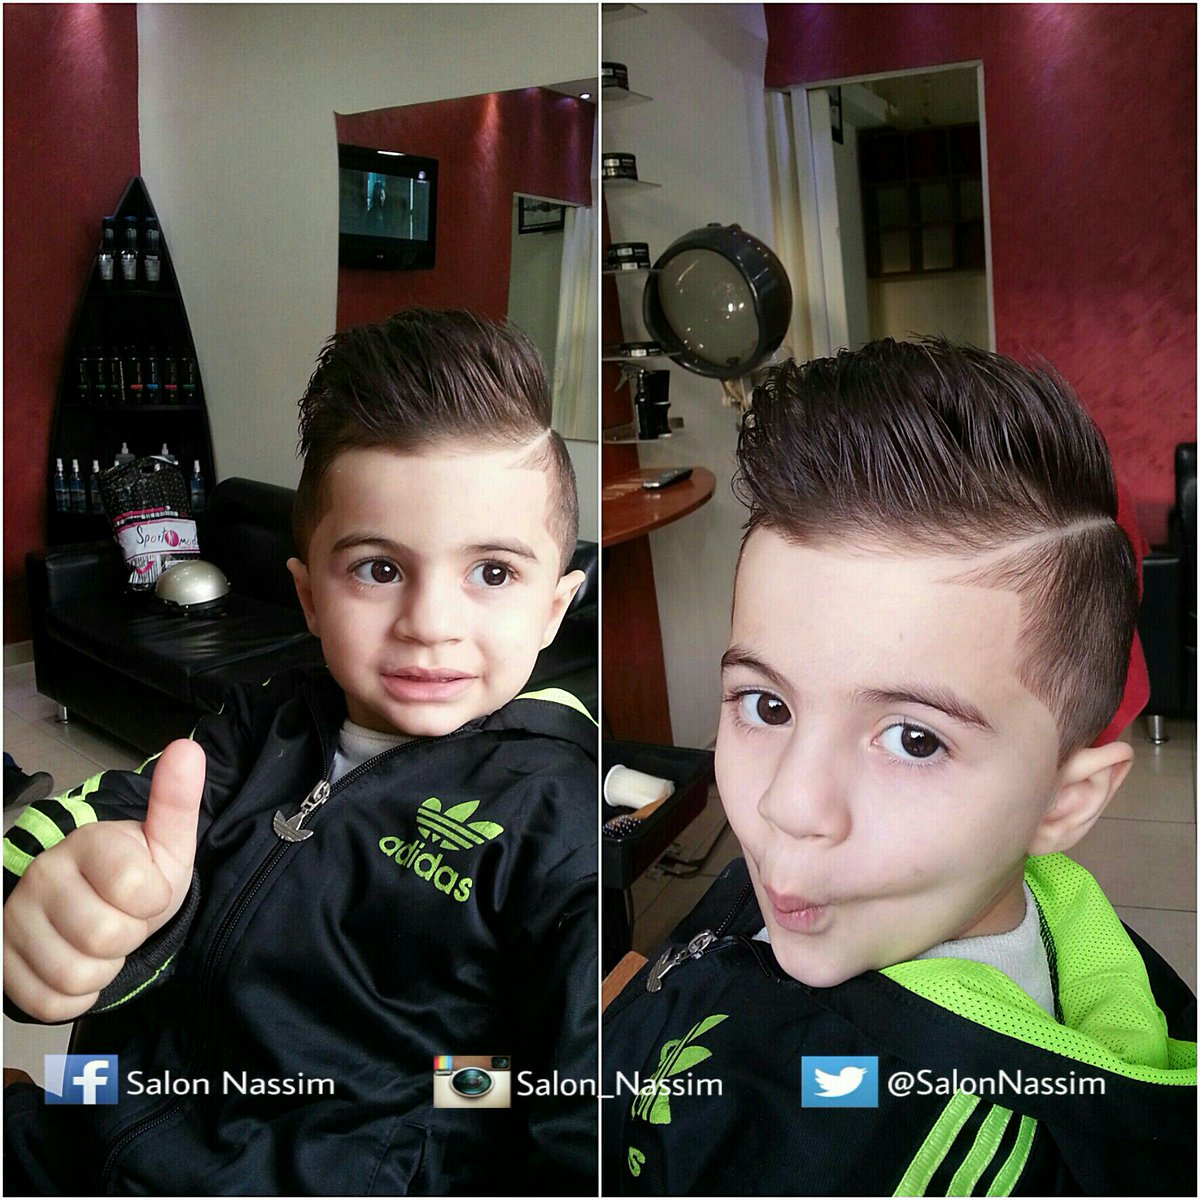 Salon Nassim On Twitter Kids Hairstyles Salon Nassim Beirut